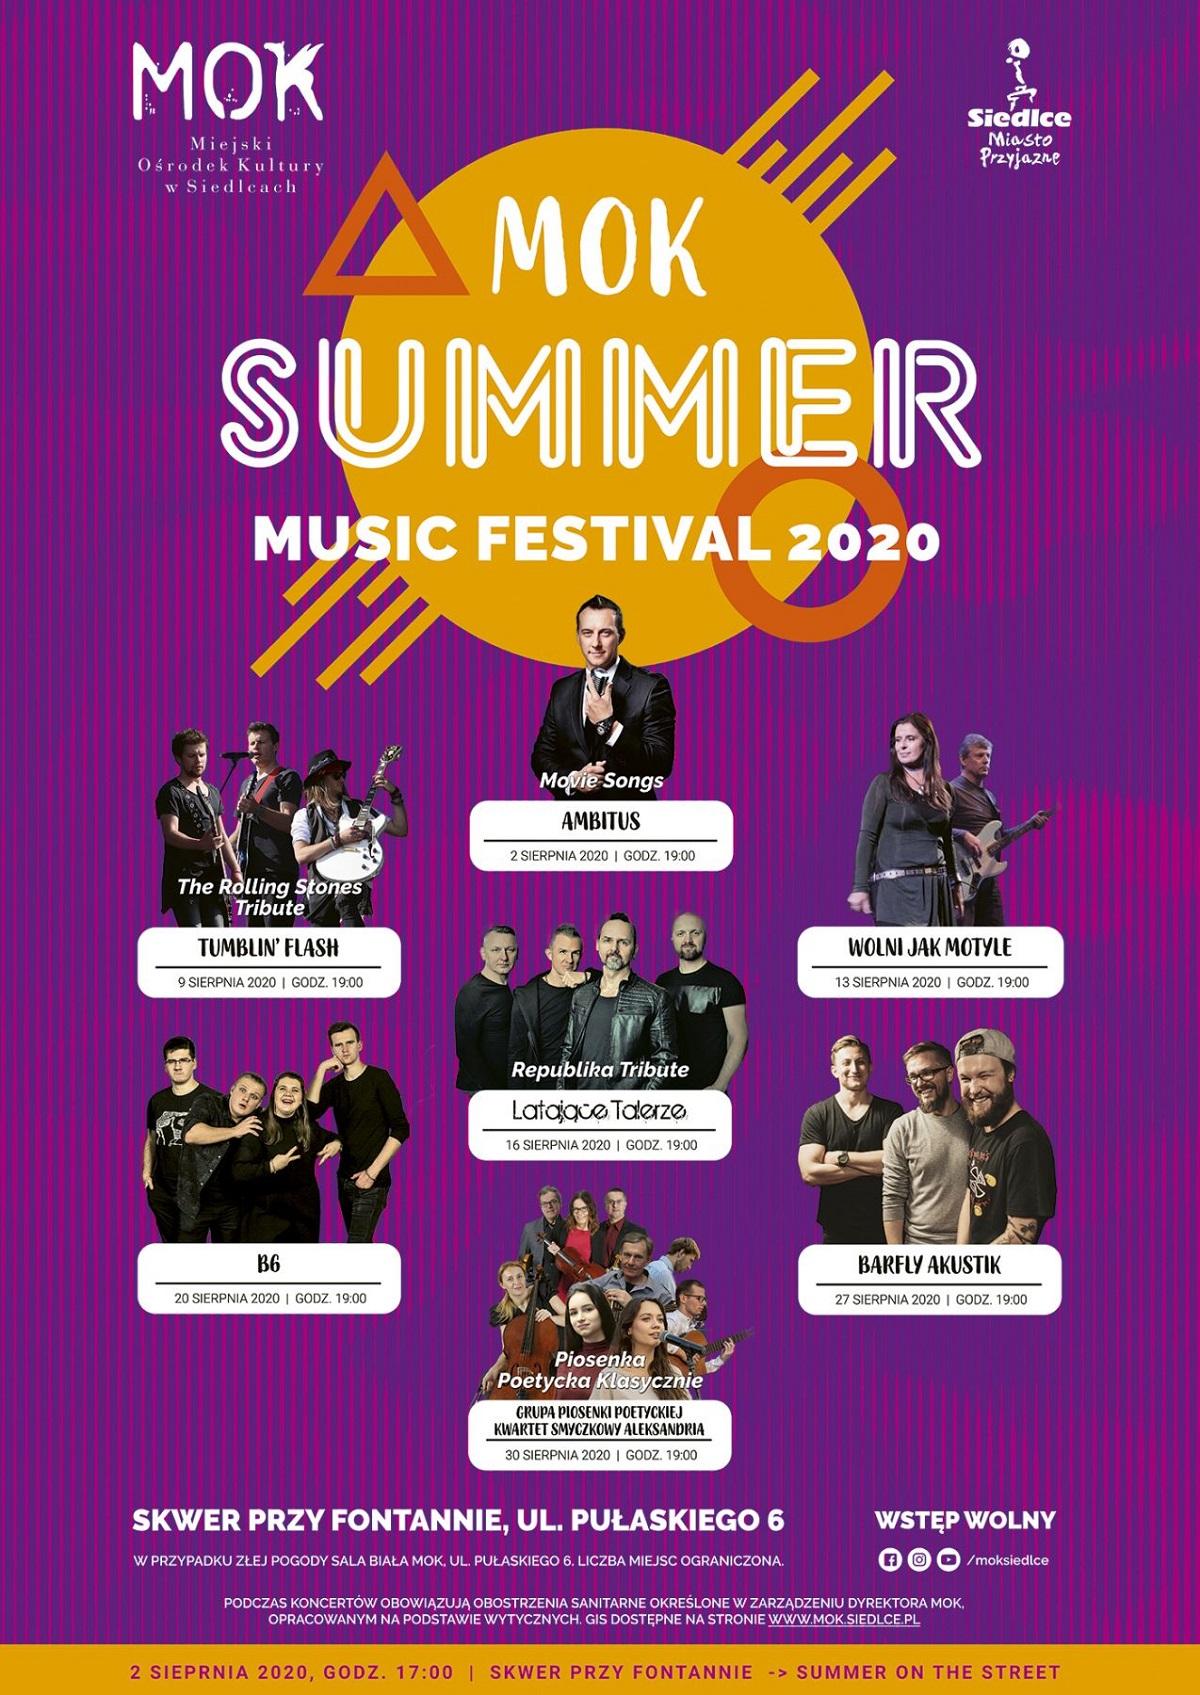 MOK Summer Music Festival